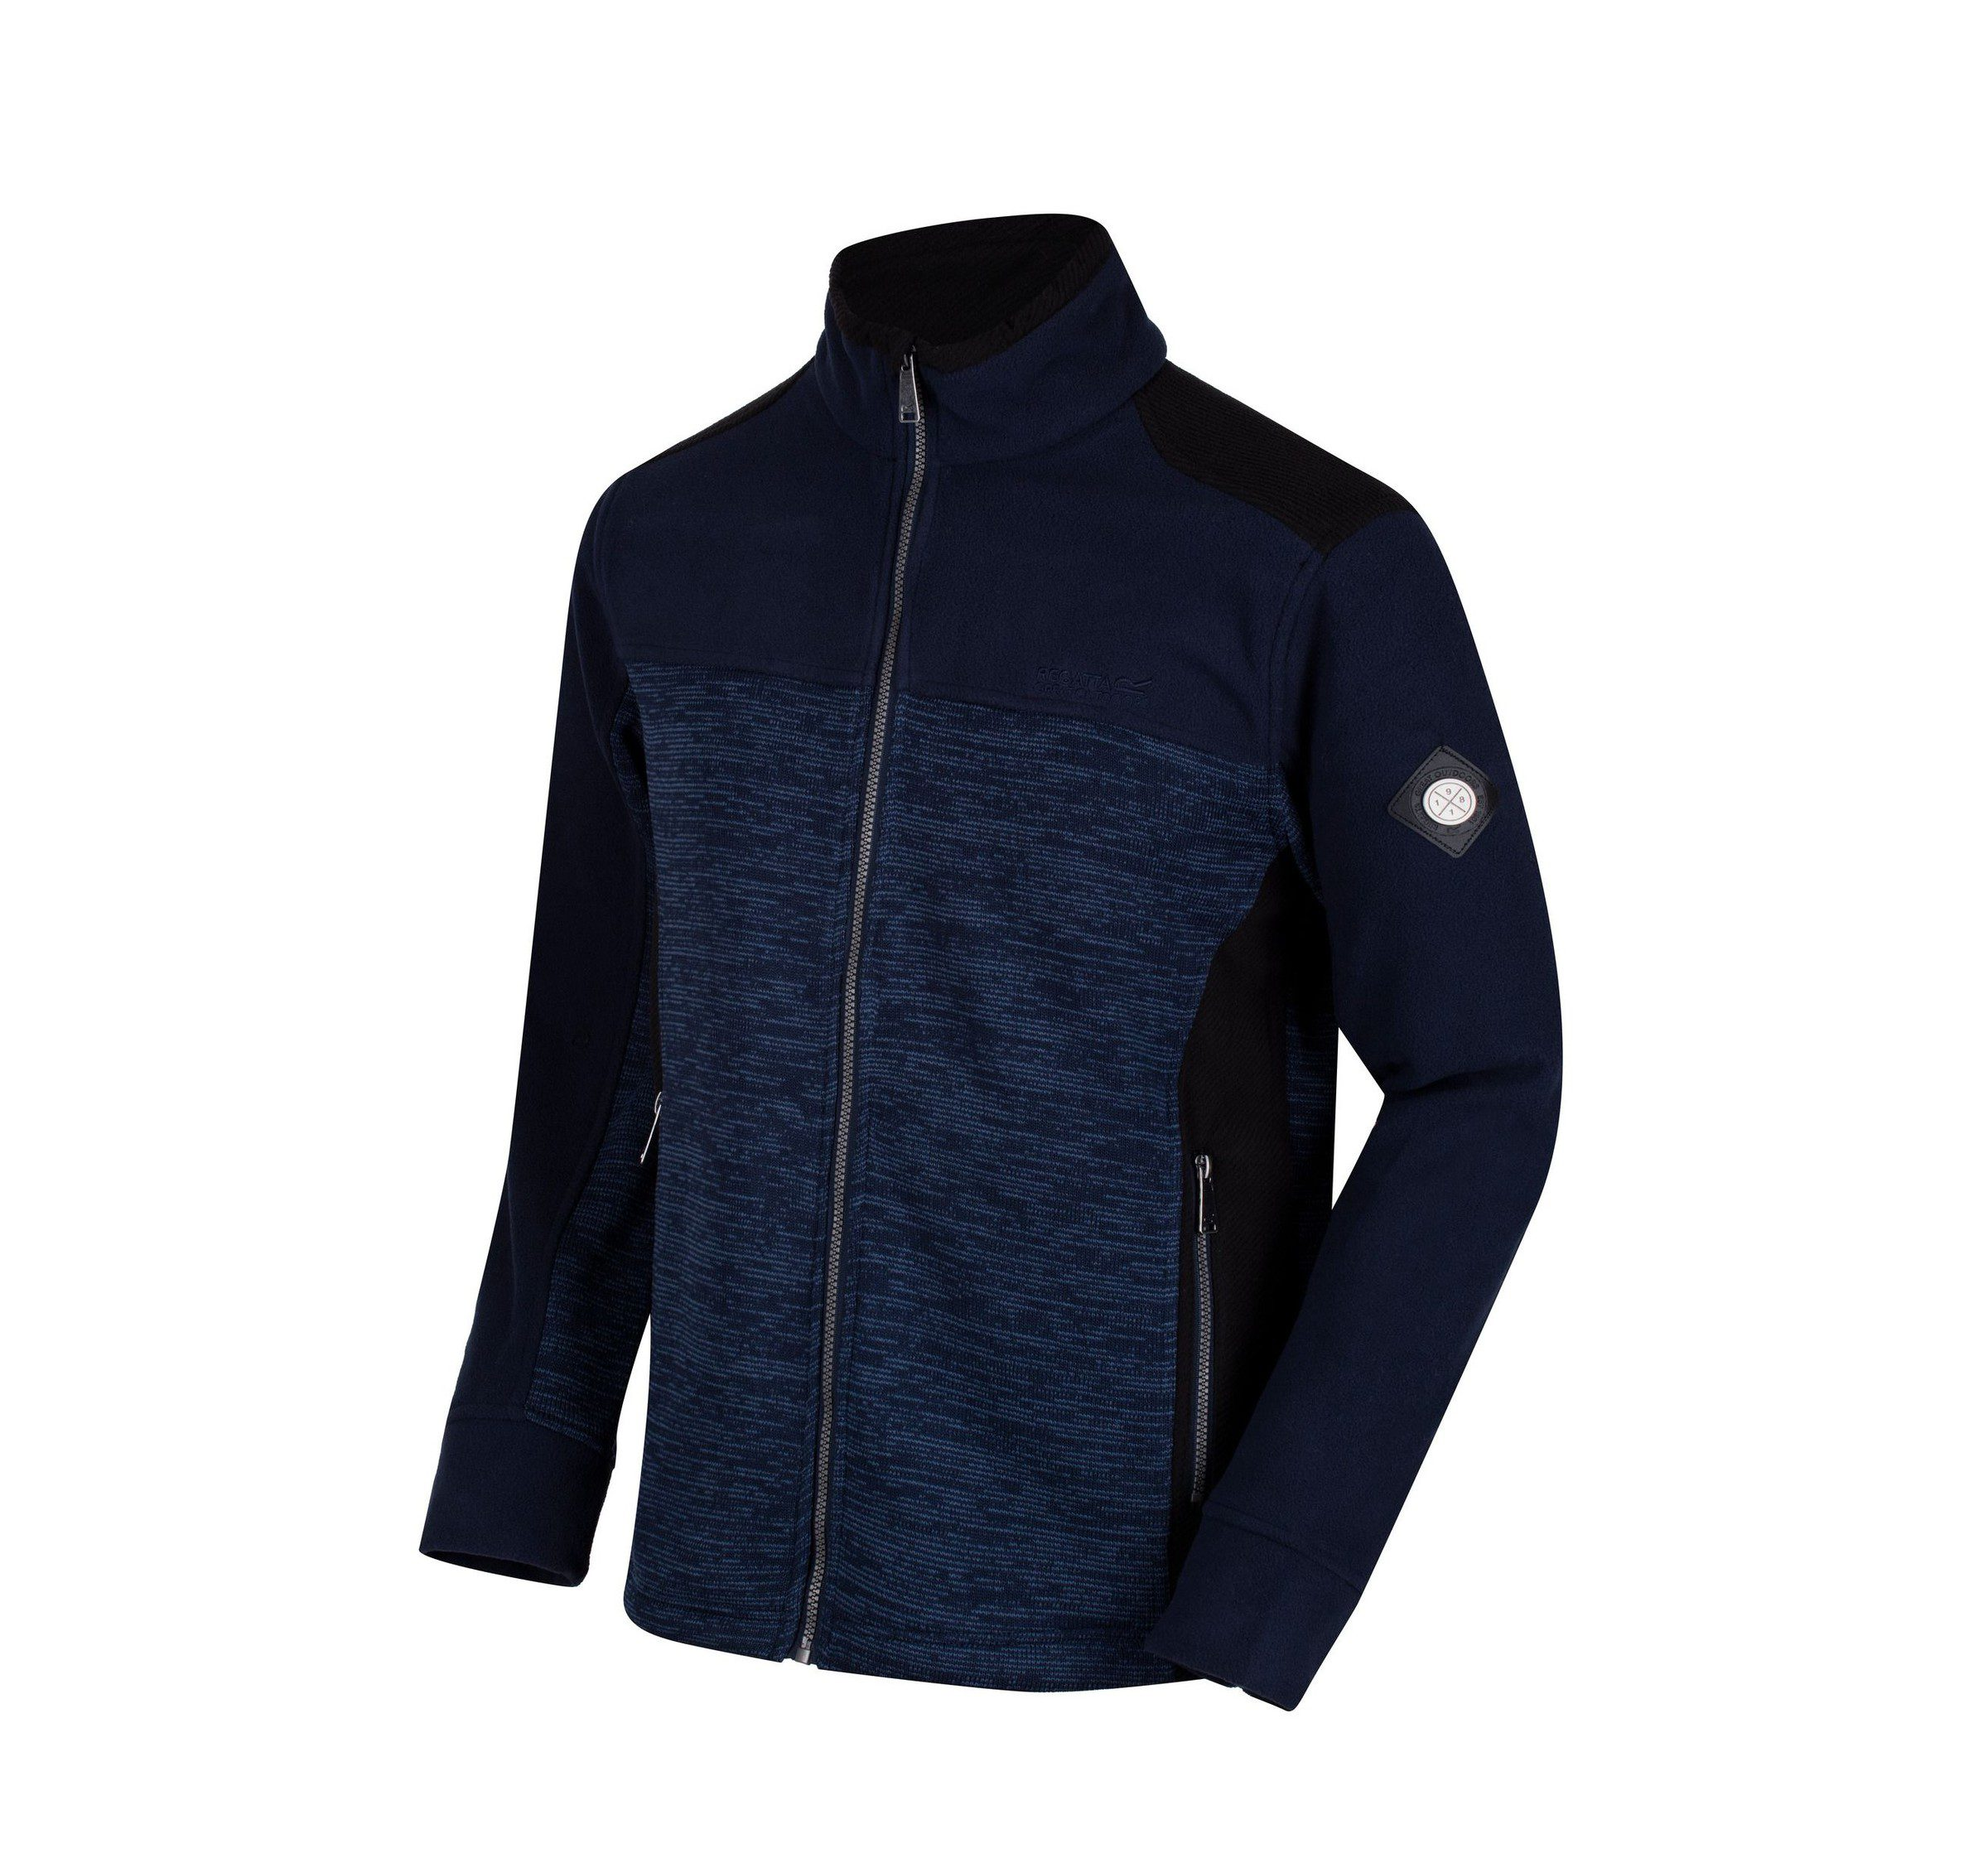 Regatta Zendon Fleece Jacket - Navy